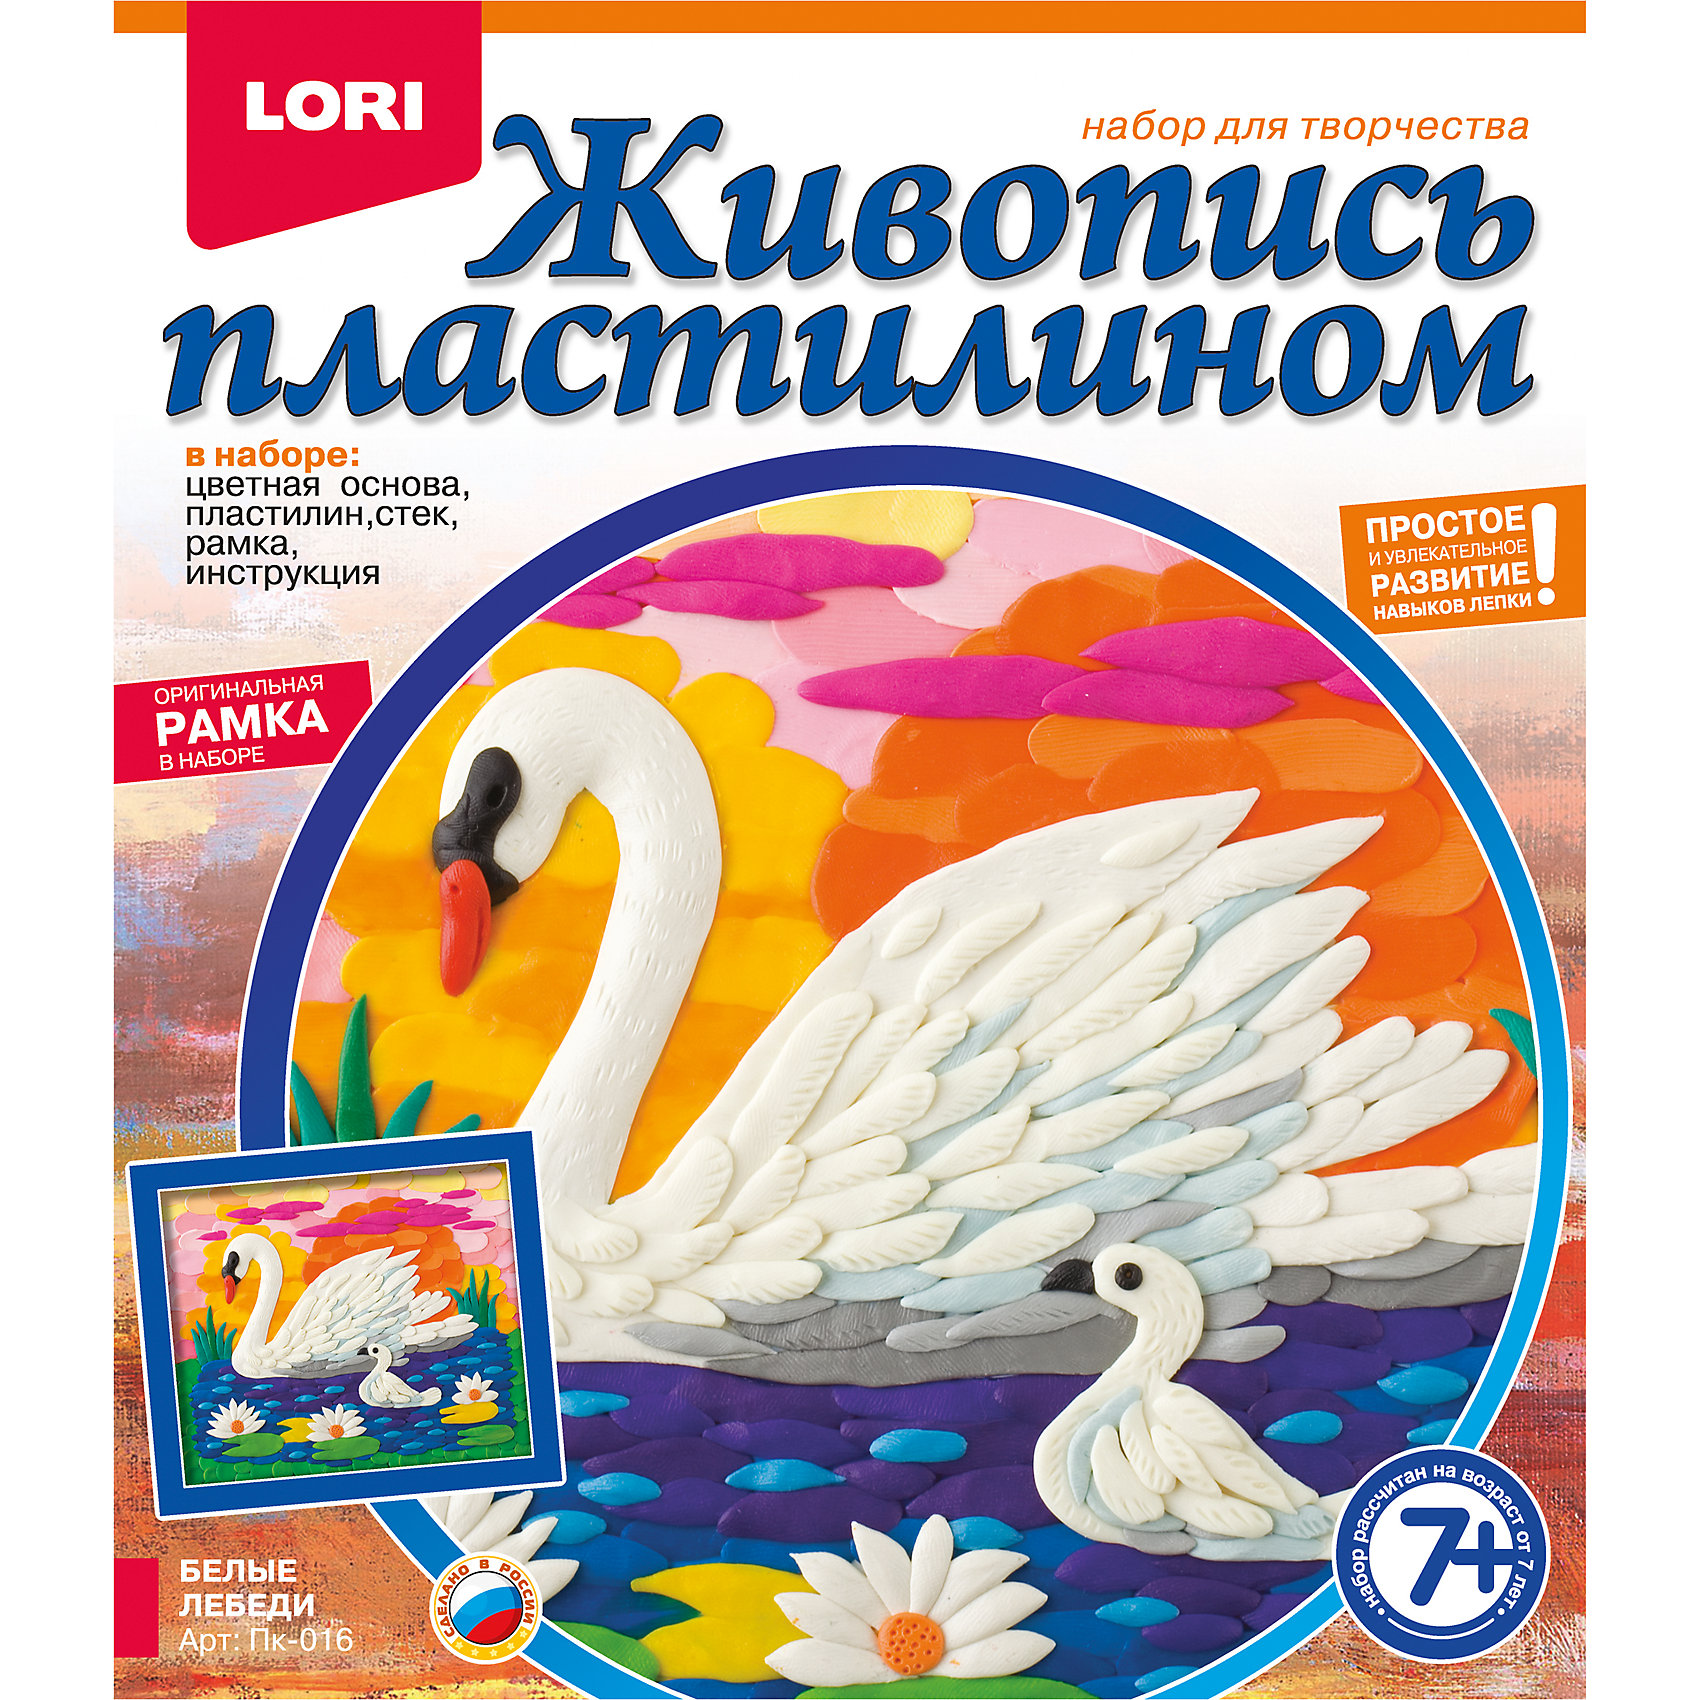 Живопись пластилином Белые лебеди, LORIЖивопись пластилином Белые лебеди, Lori - увлекательный набор для детского творчества, который поможет Вашему ребенку развить свои творческие способности. С помощью цветной основы и пластилина разных цветов он сможет создать красочную картинку с изображением чудесного белого лебедя и маленького лебеденка. Процесс создания картинки не сложен, но увлекателен - пластилин нужно скатывать в шарики и наносить мазками на основу-шаблон. Картинка украсит комнату ребенка или станет подарком, сделанным собственными руками для его друзей и родственников. Набор способствует развитию творческих способностей, образного мышления, воображения, мелкой моторики  рук и усидчивости.<br><br>Дополнительная информация:<br><br>- В комплекте: цветная основа, пластилин, стек, рамка, инструкция. <br>- Материал: пластилин.<br>- Размер картинки: 18 x 21 см.<br>- Размер упаковки: 20 x 23 x 4 см.<br>- Вес: 0,2 кг.<br><br>Живопись пластилином Белые лебеди, Lori можно купить в нашем интернет-магазине.<br><br>Ширина мм: 200<br>Глубина мм: 230<br>Высота мм: 40<br>Вес г: 238<br>Возраст от месяцев: 84<br>Возраст до месяцев: 156<br>Пол: Унисекс<br>Возраст: Детский<br>SKU: 3970832